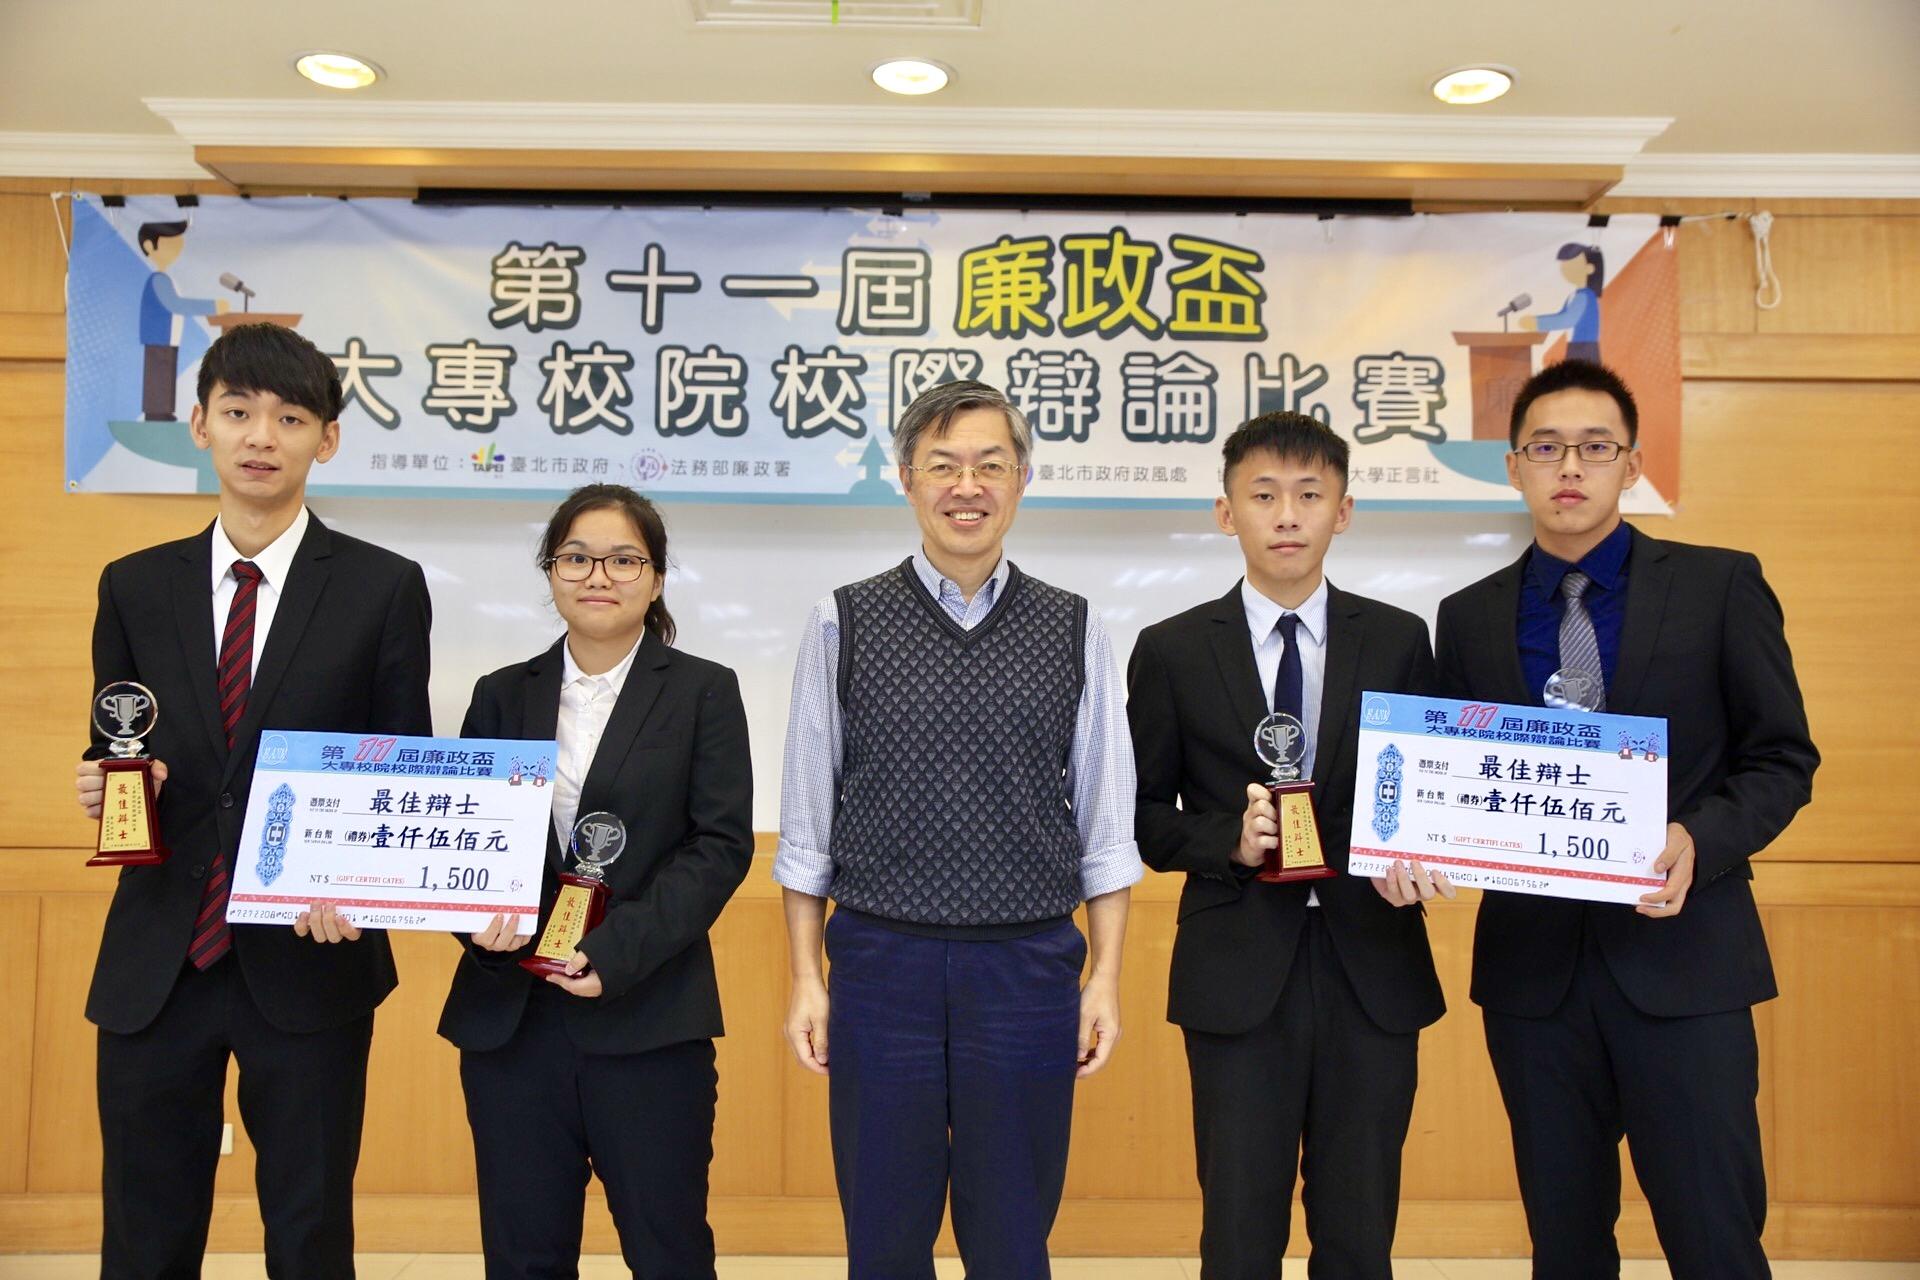 臺灣透明組織陳俊明常務理事頒發人氣辯士獎!